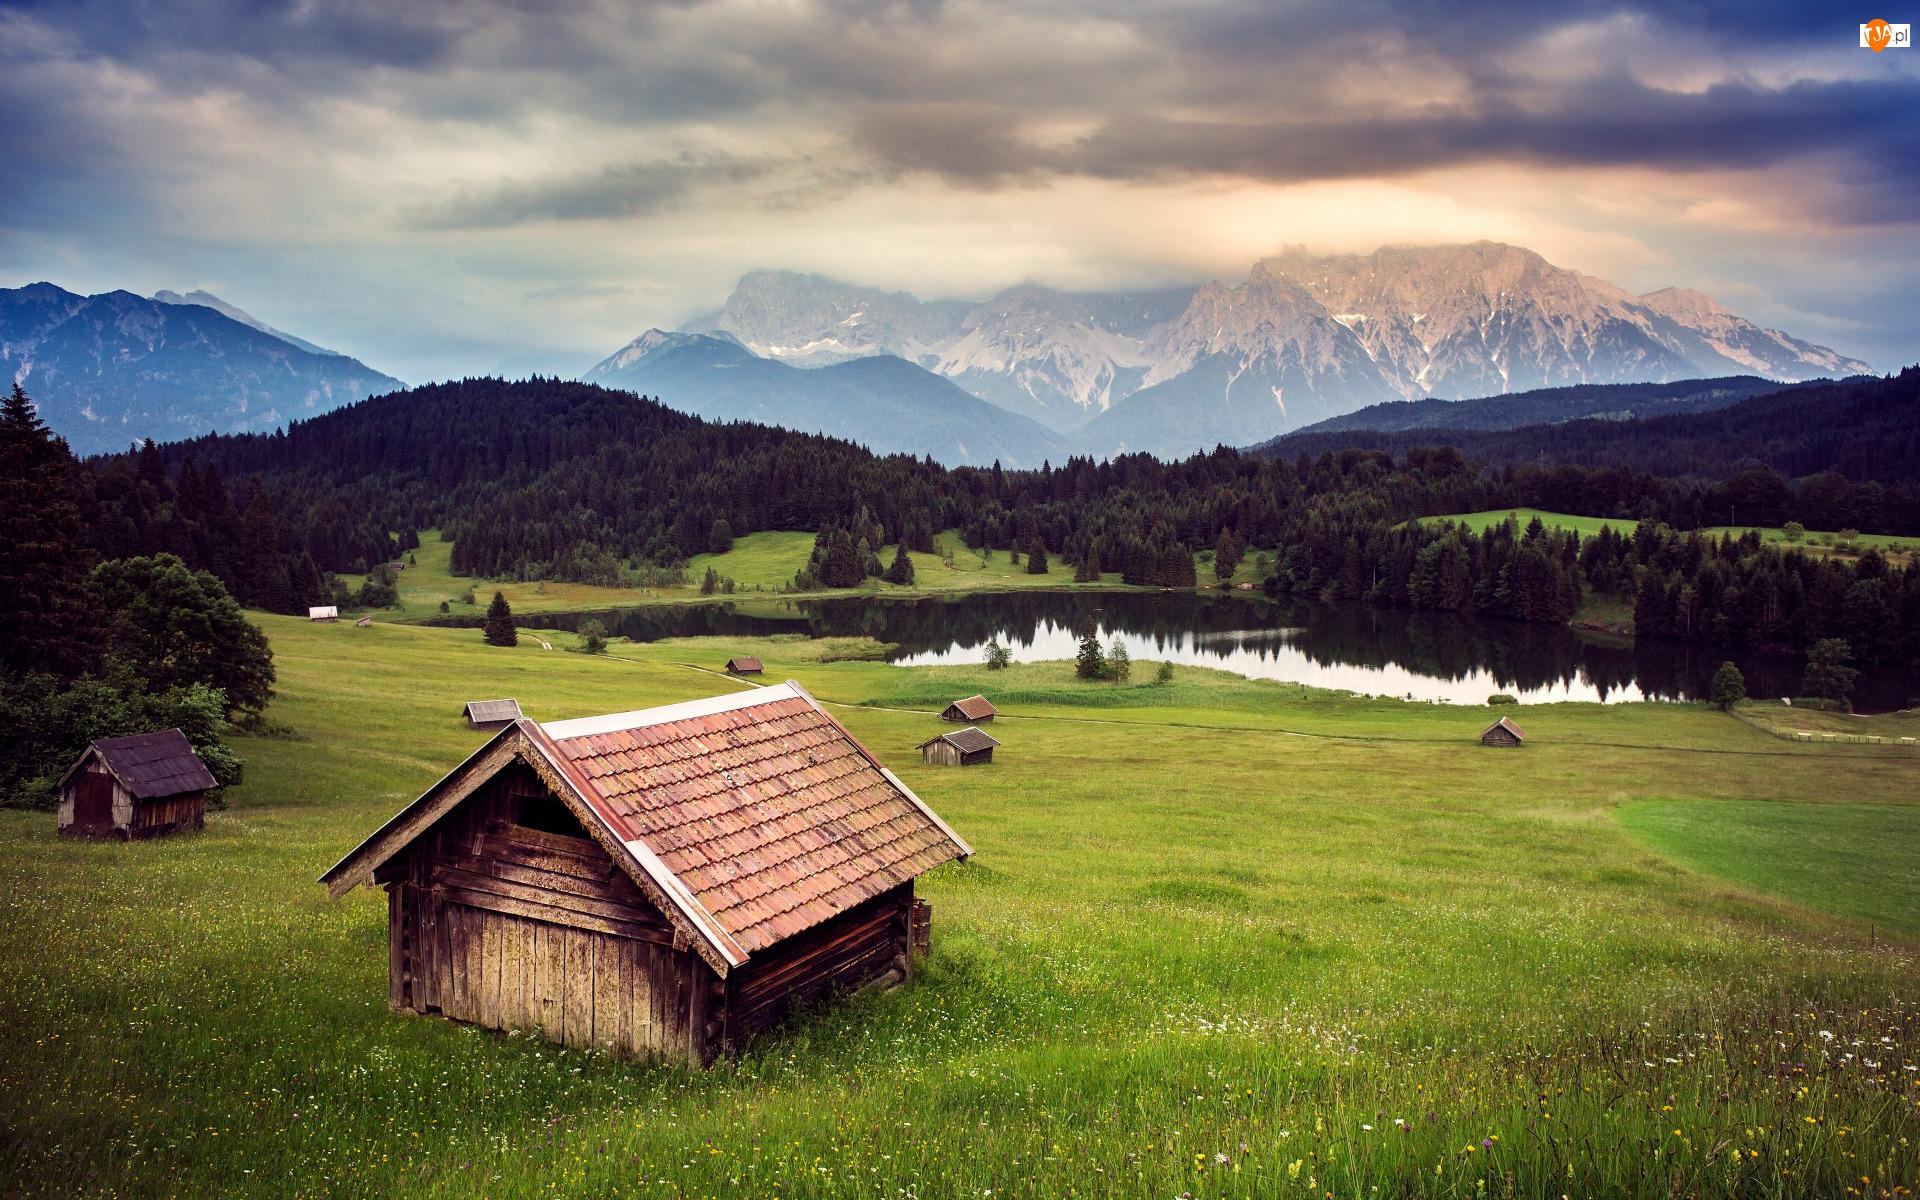 Niemcy, Góry, Alpy, Lasy, Drewniane, Łąka, Jezioro Geroldsee, Domki, Drzewa, Bawaria